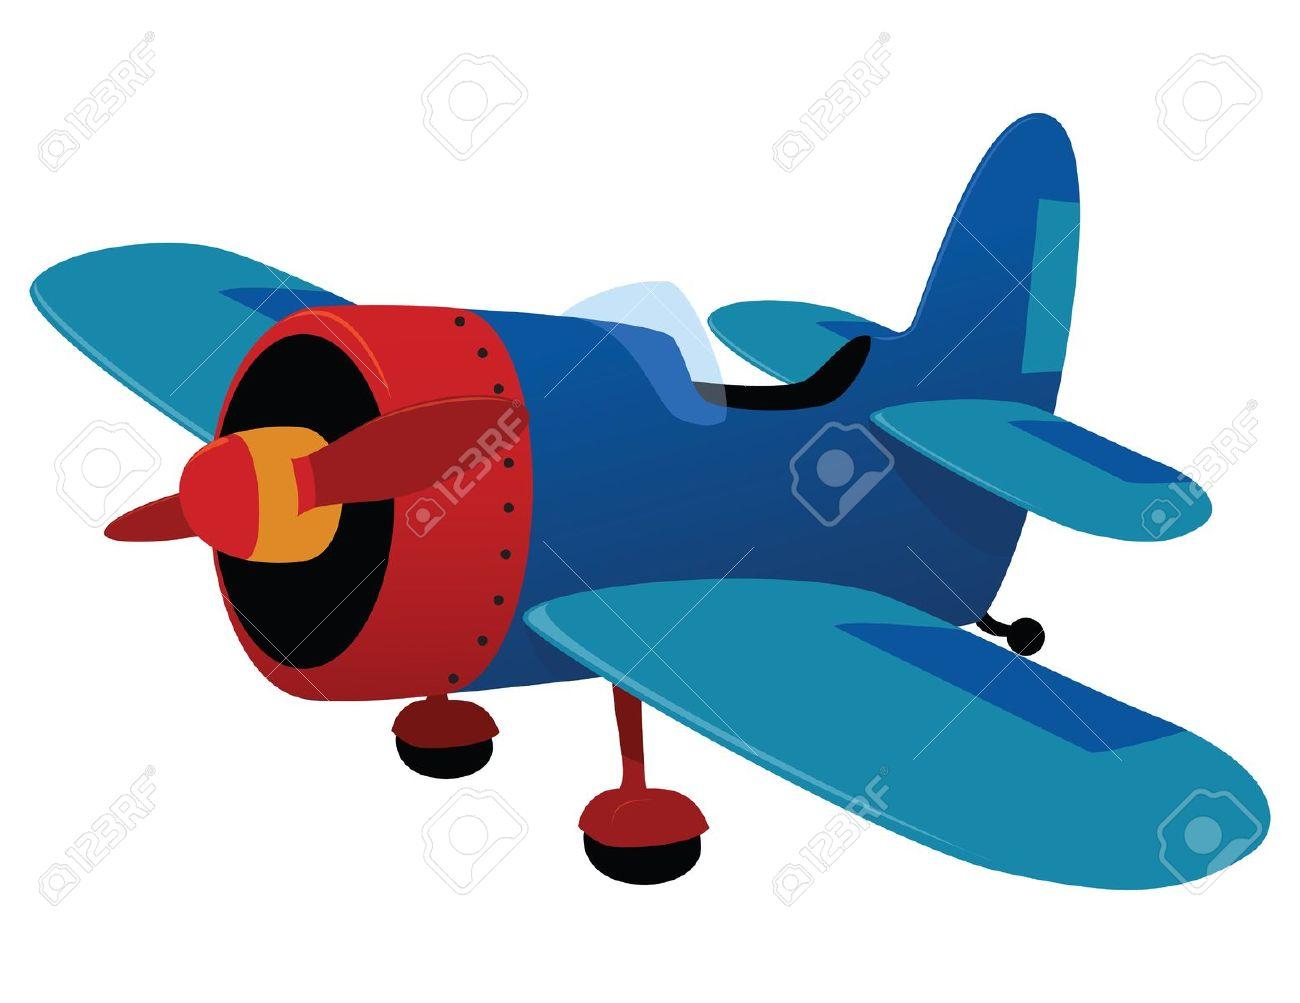 Airplane clipart dark blue #5